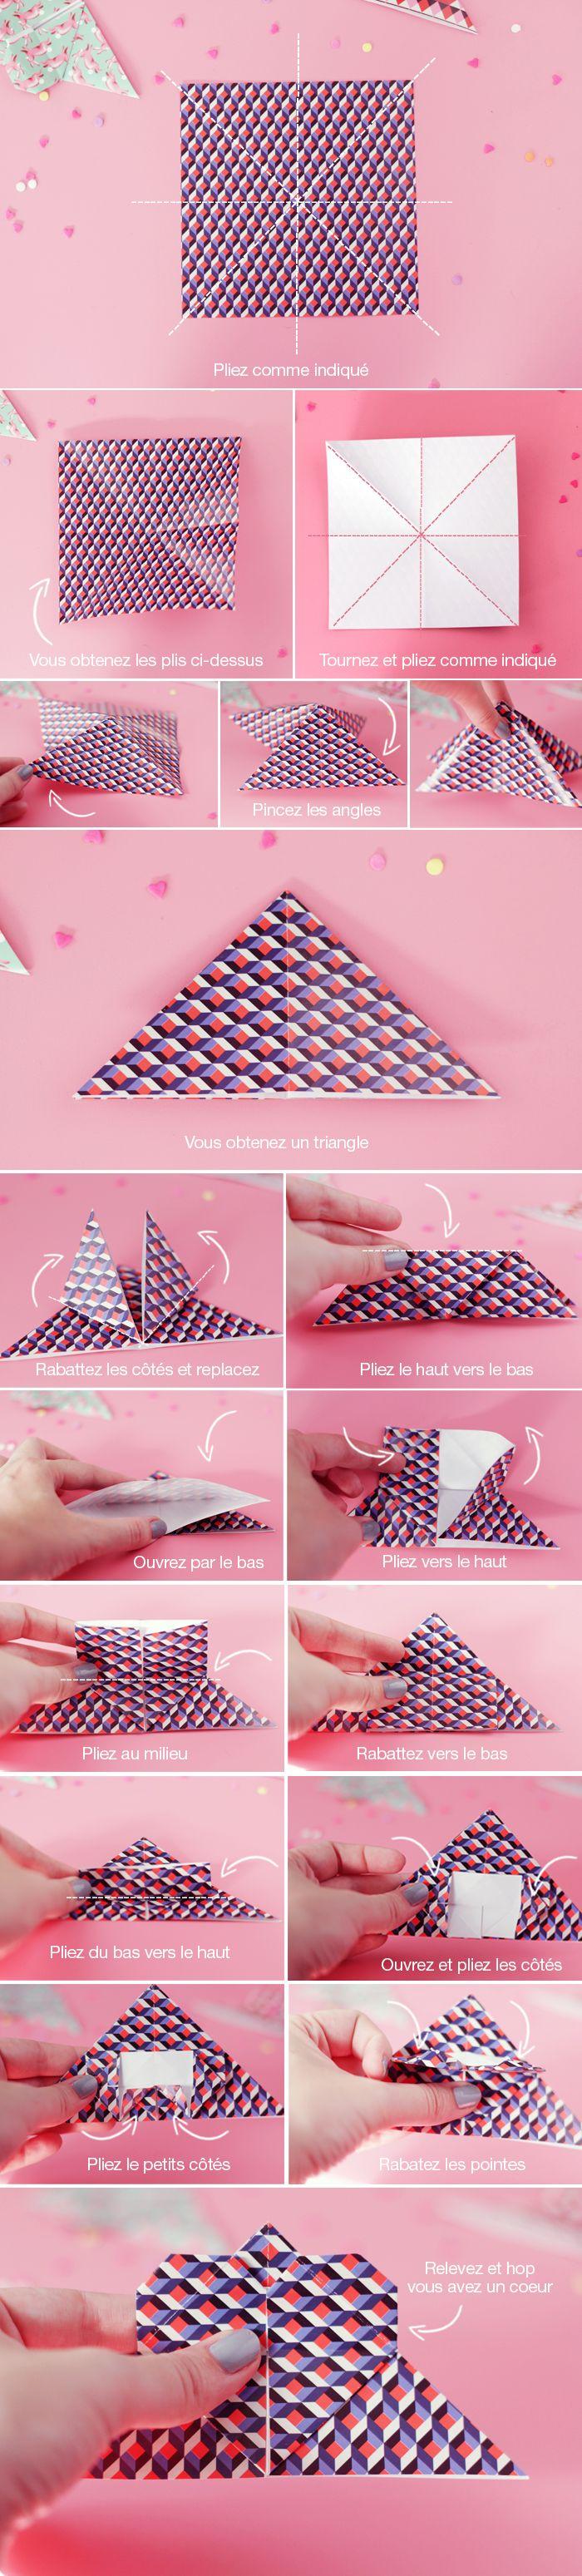 les 17 meilleures id es de la cat gorie origami coeur sur pinterest origami facile coeur. Black Bedroom Furniture Sets. Home Design Ideas